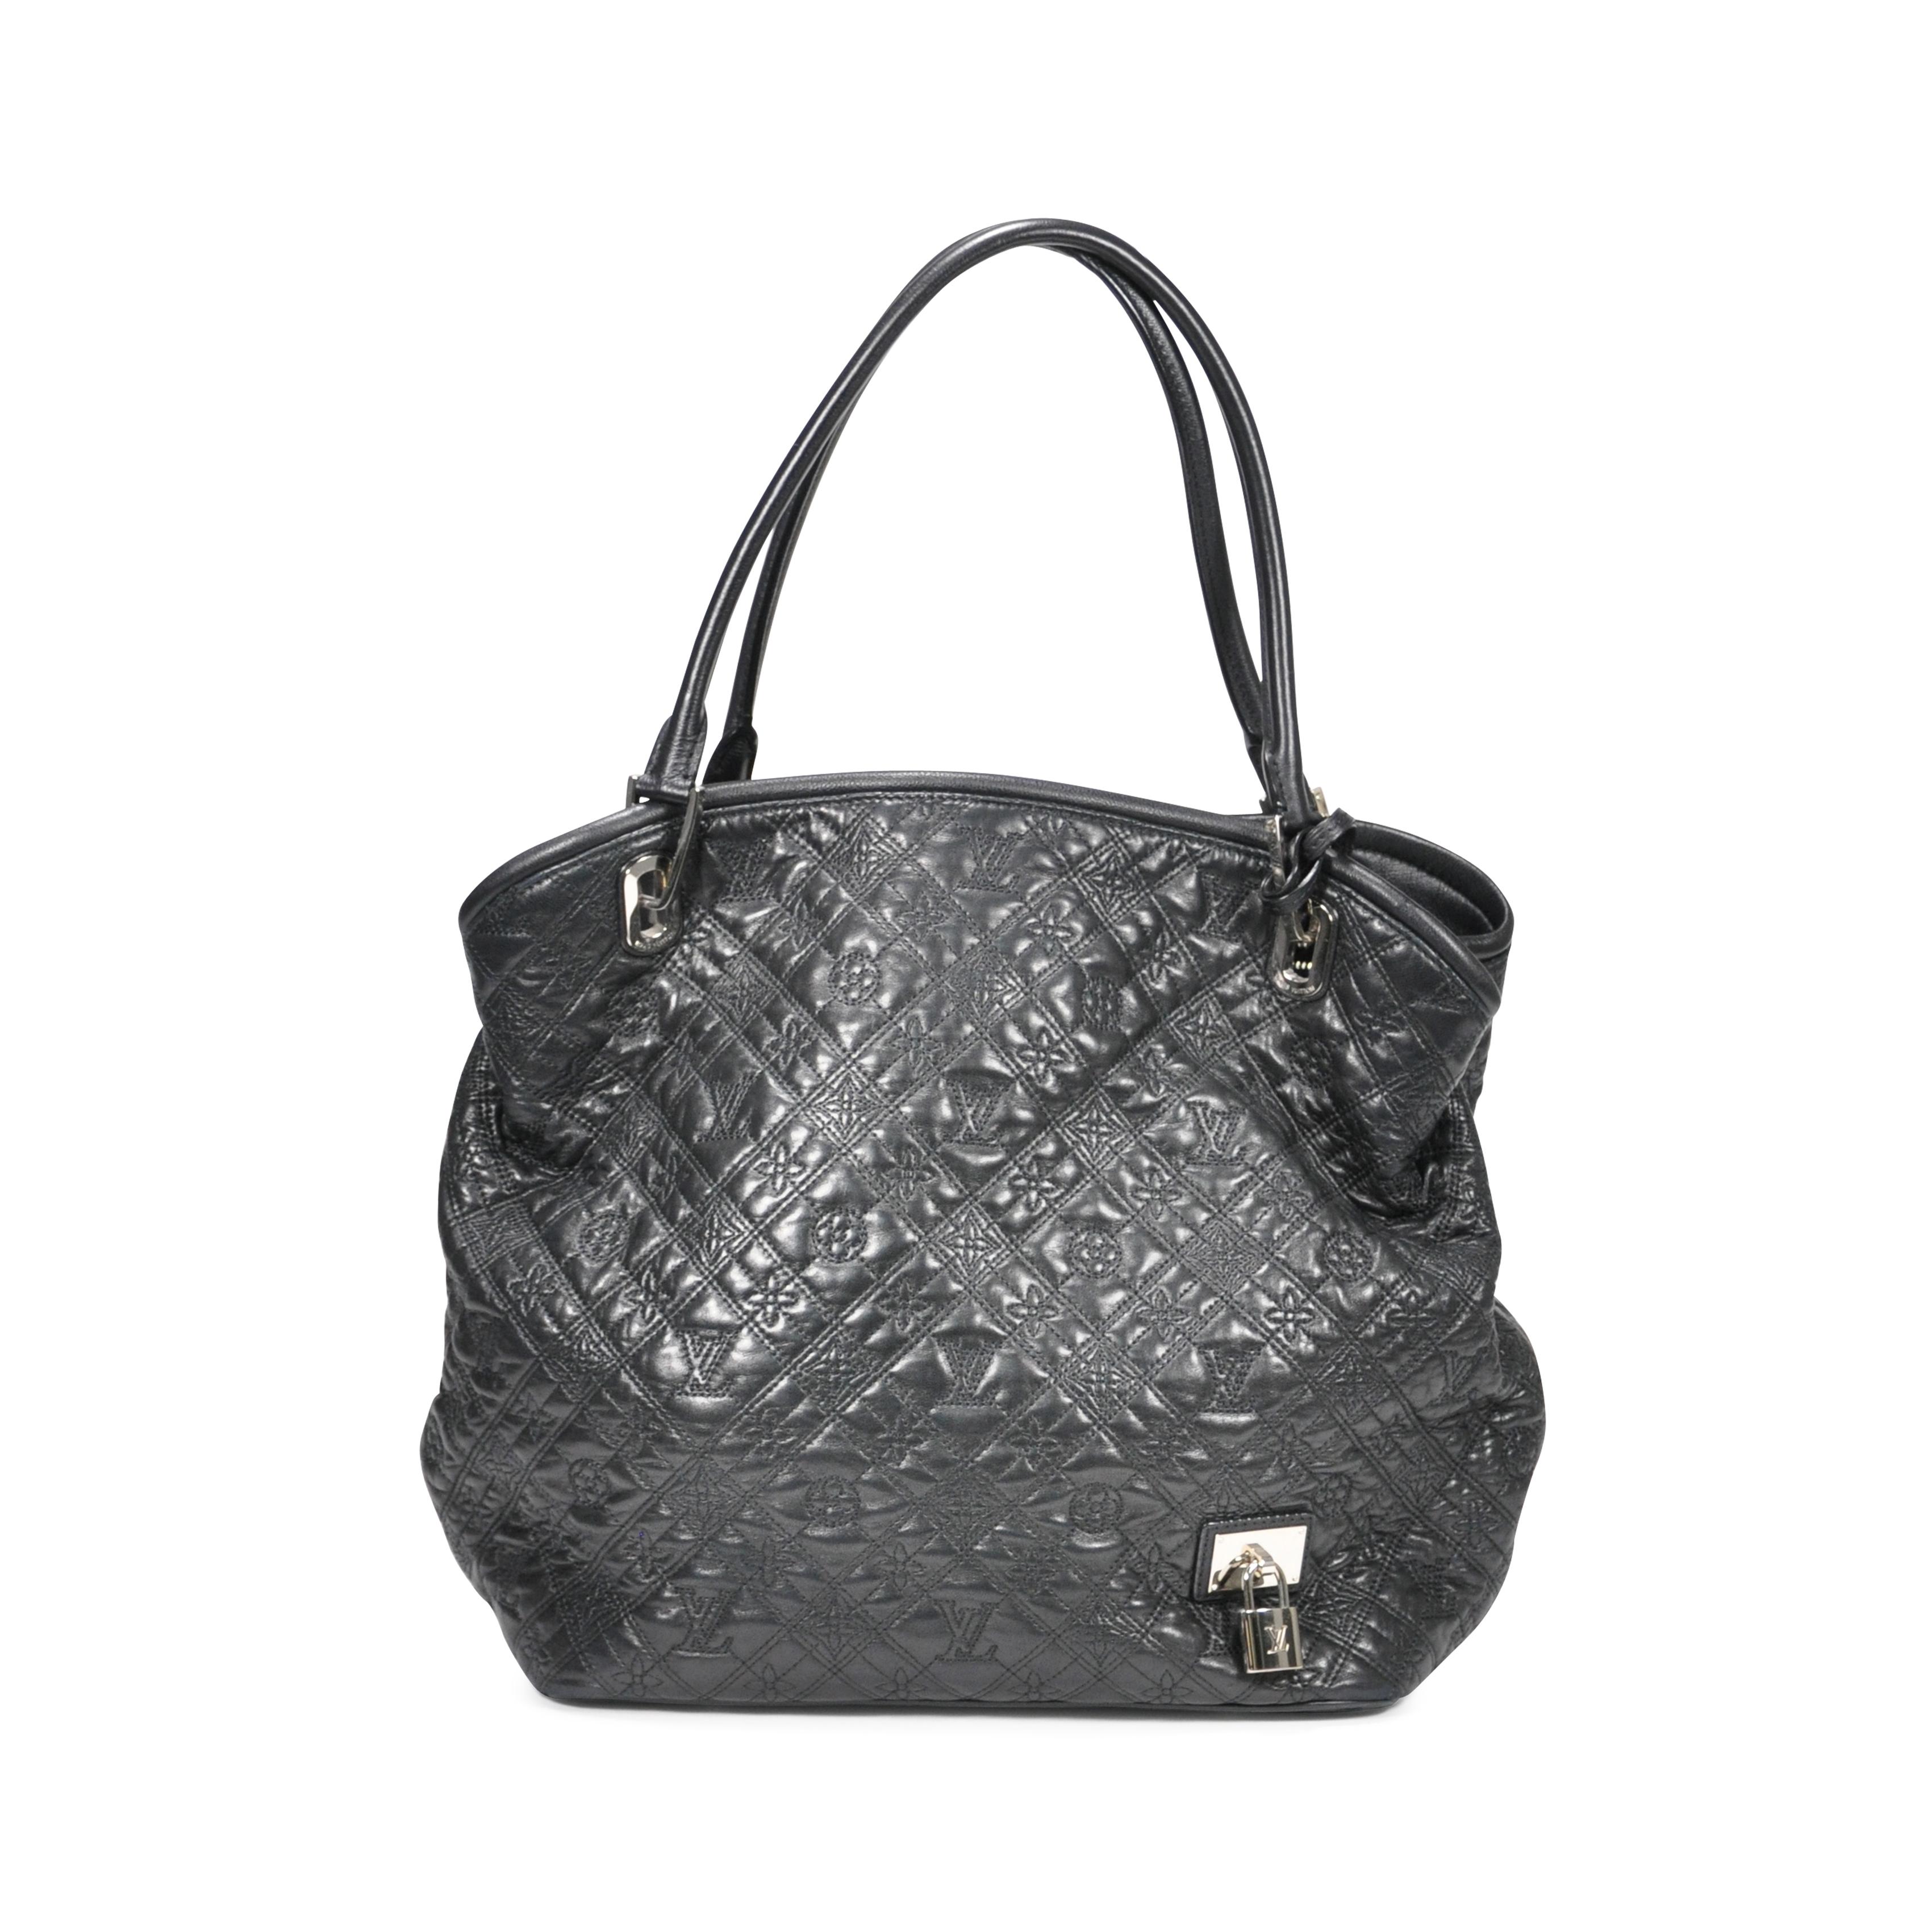 ce2d1e484c79 Authentic Second Hand Louis Vuitton Artsy MM (PSS-237-00001)